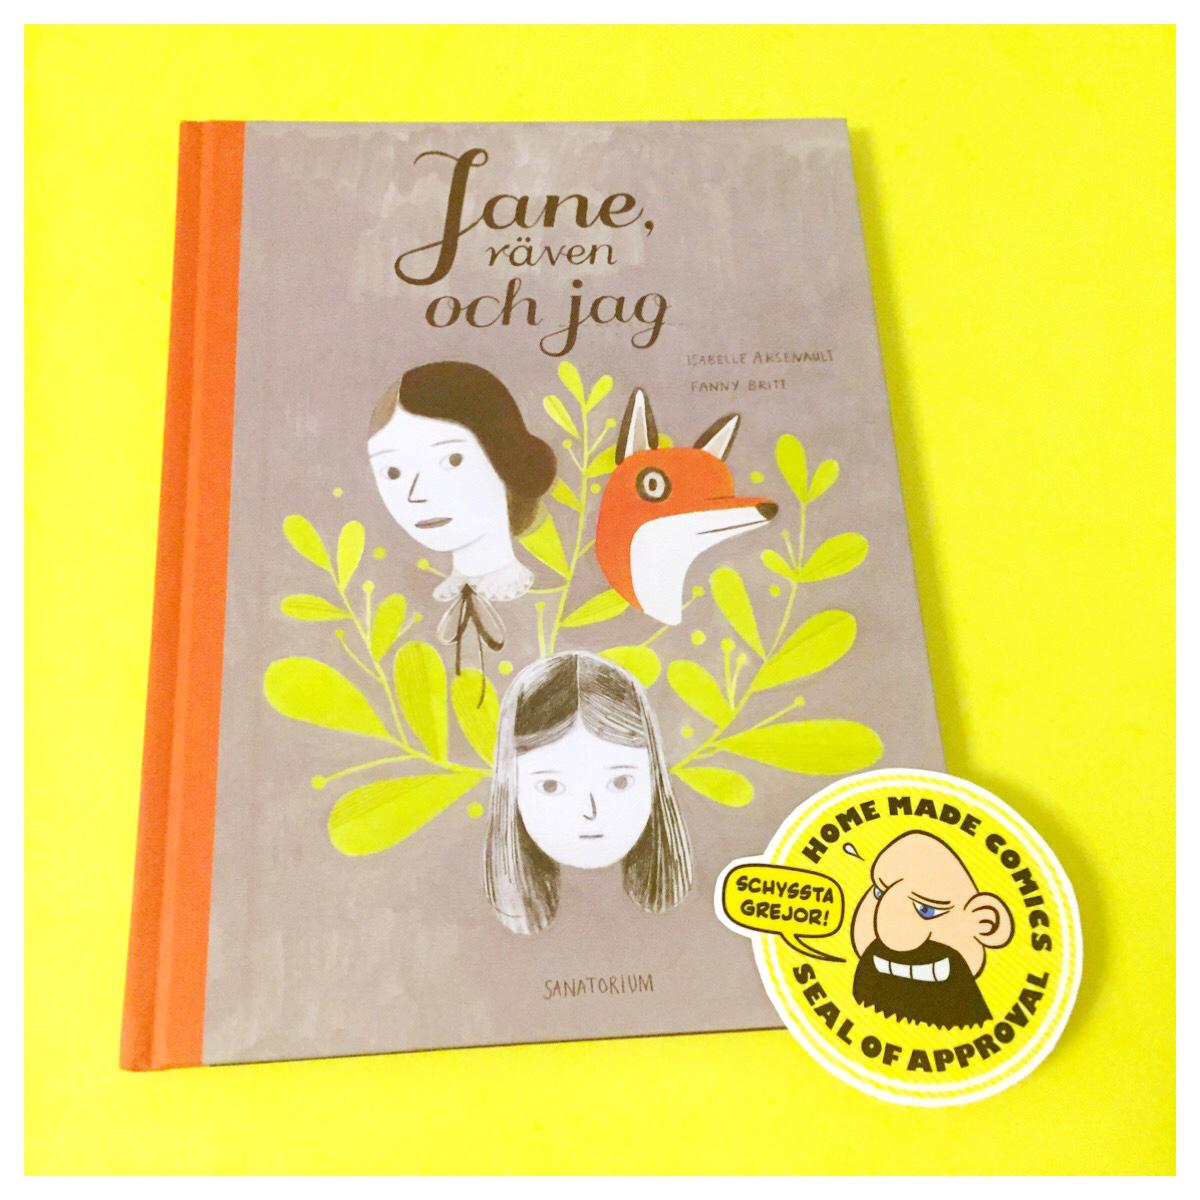 Home Made Comics Seal of Approval #167. Jane, räven och jag av Isabelle Arsenault och Fanny Britt utgiven av Sanatorium Förlag 2016.